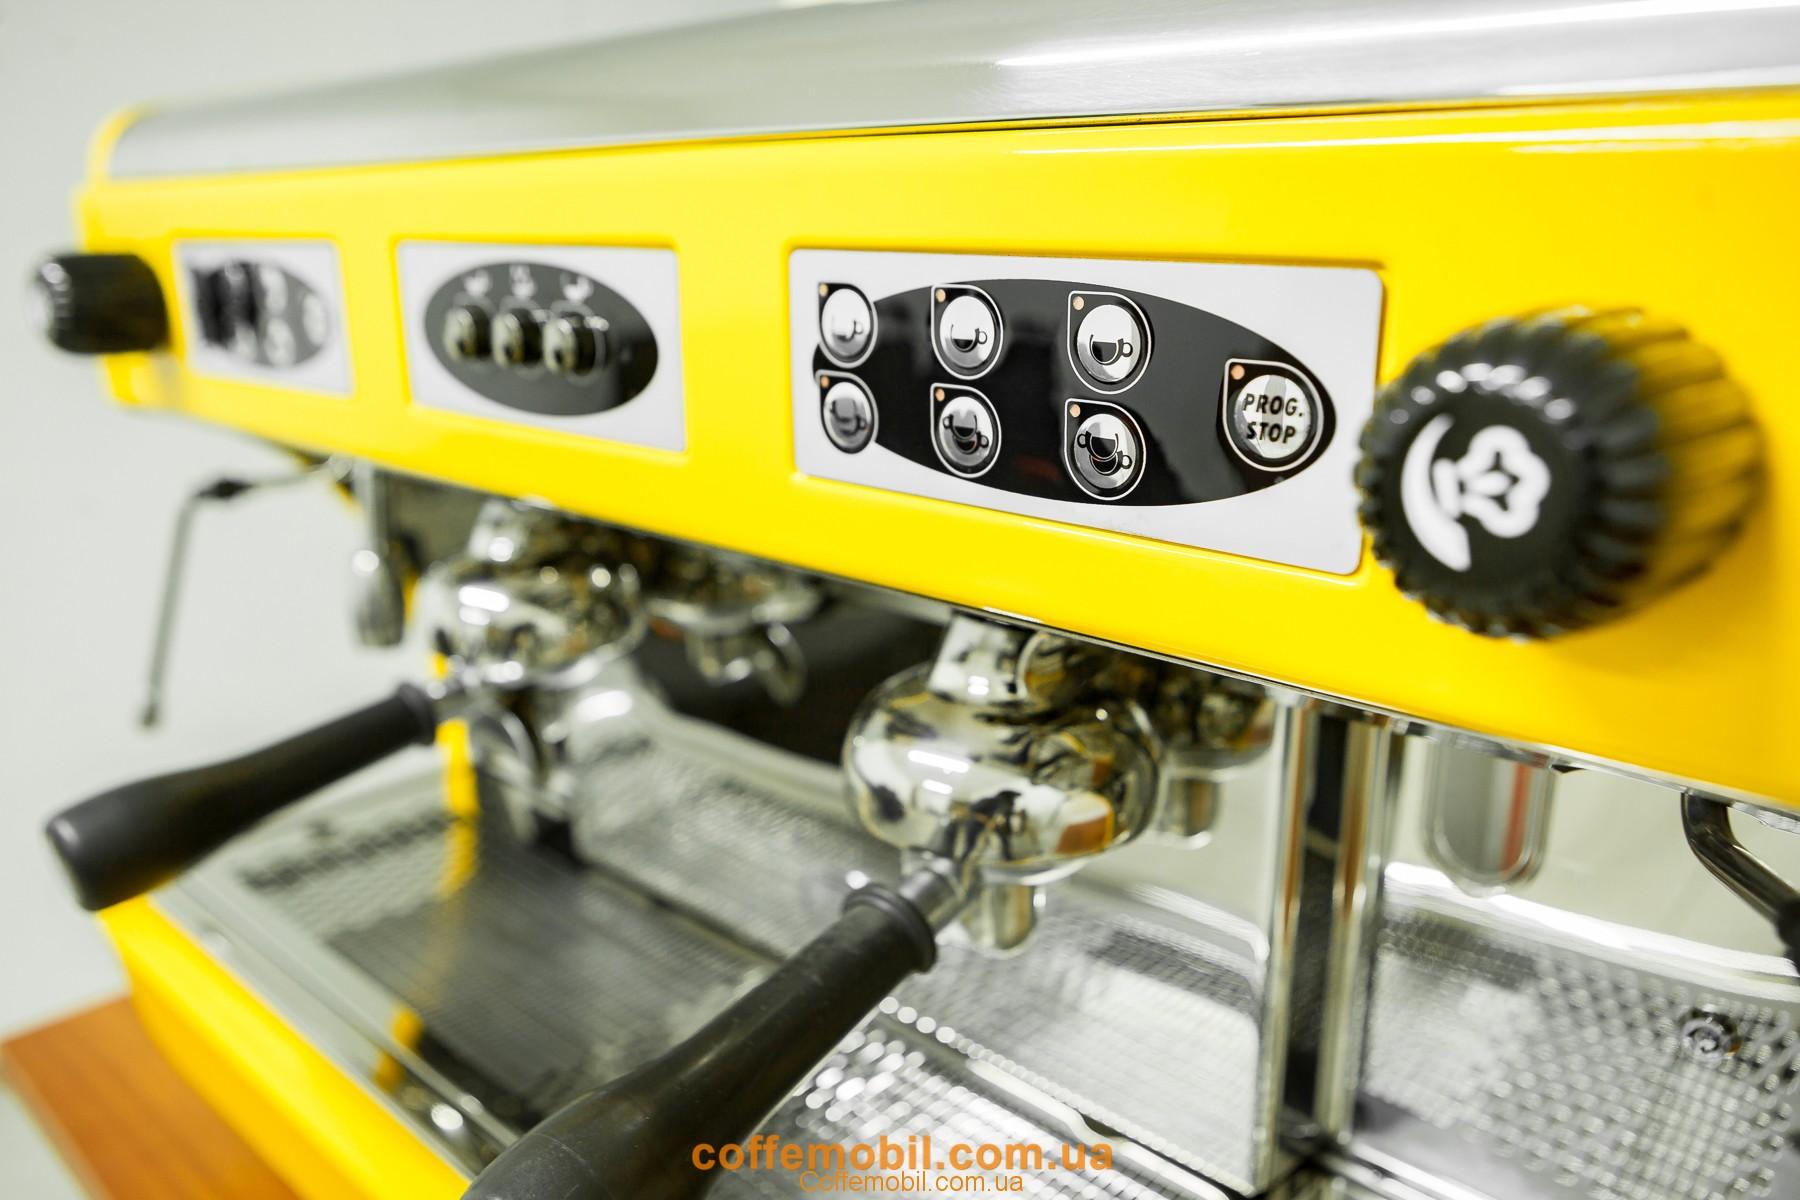 Профессиональная кофемашина Astoria Calipso 2gr